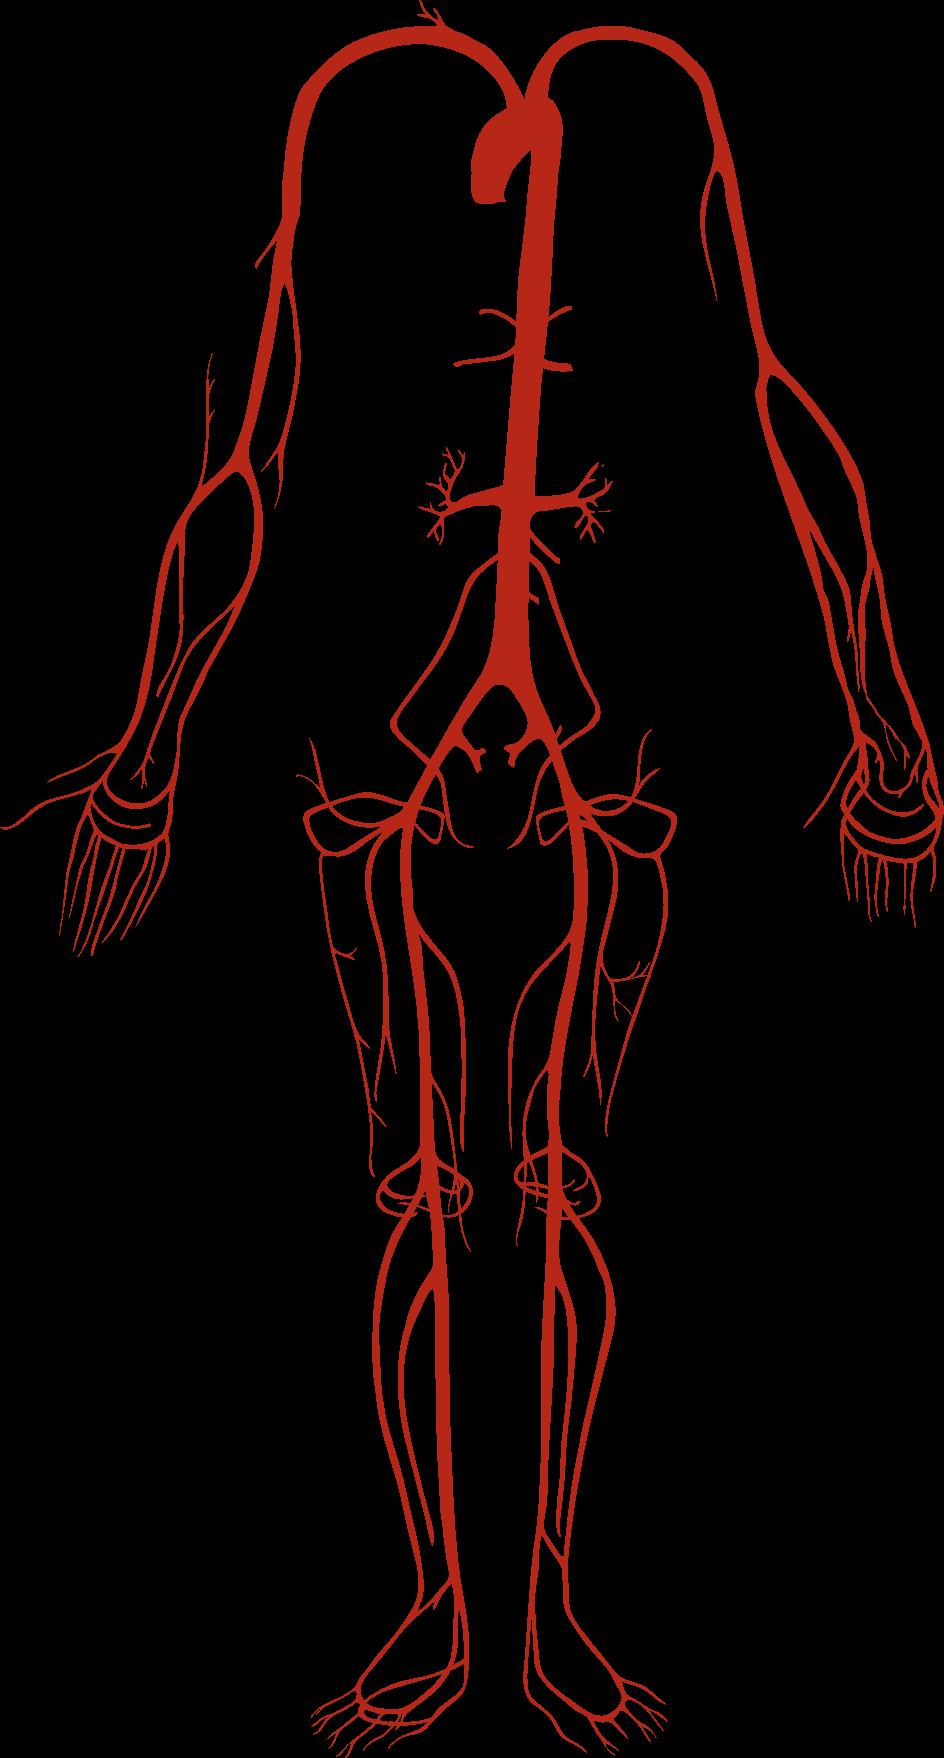 Arterias – Definición, función, estructura y tipos | Anatomia ...